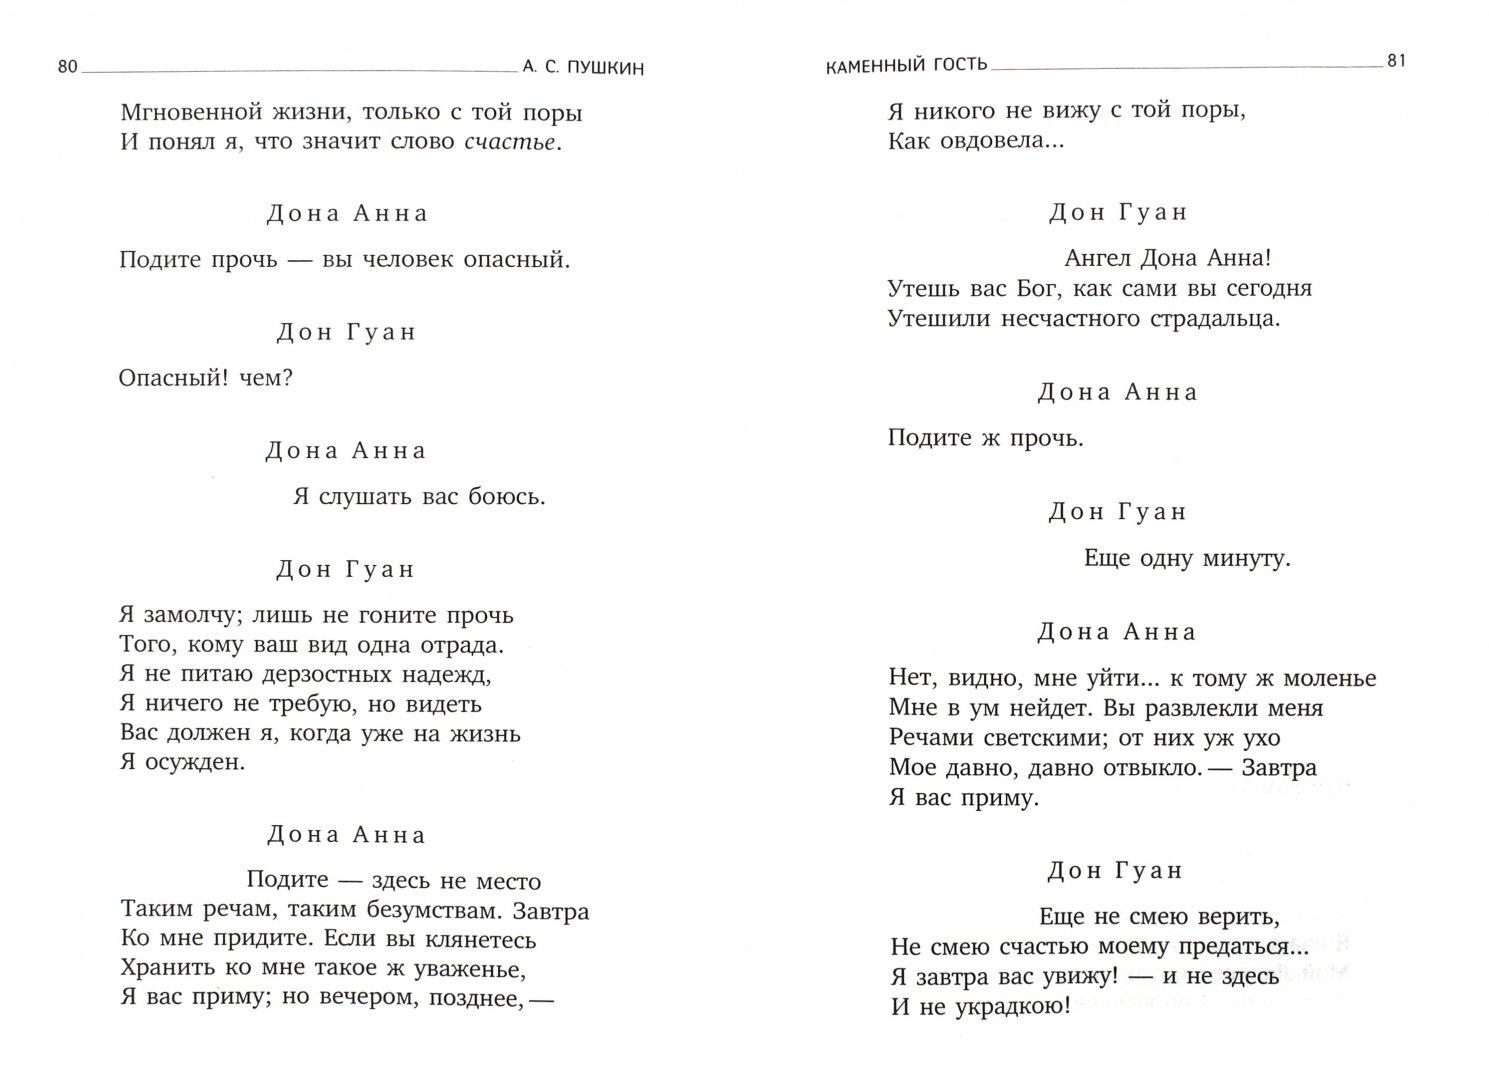 Иллюстрация 1 из 5 для Маленькие трагедии. Пиковая дама - Александр Пушкин   Лабиринт - книги. Источник: Лабиринт